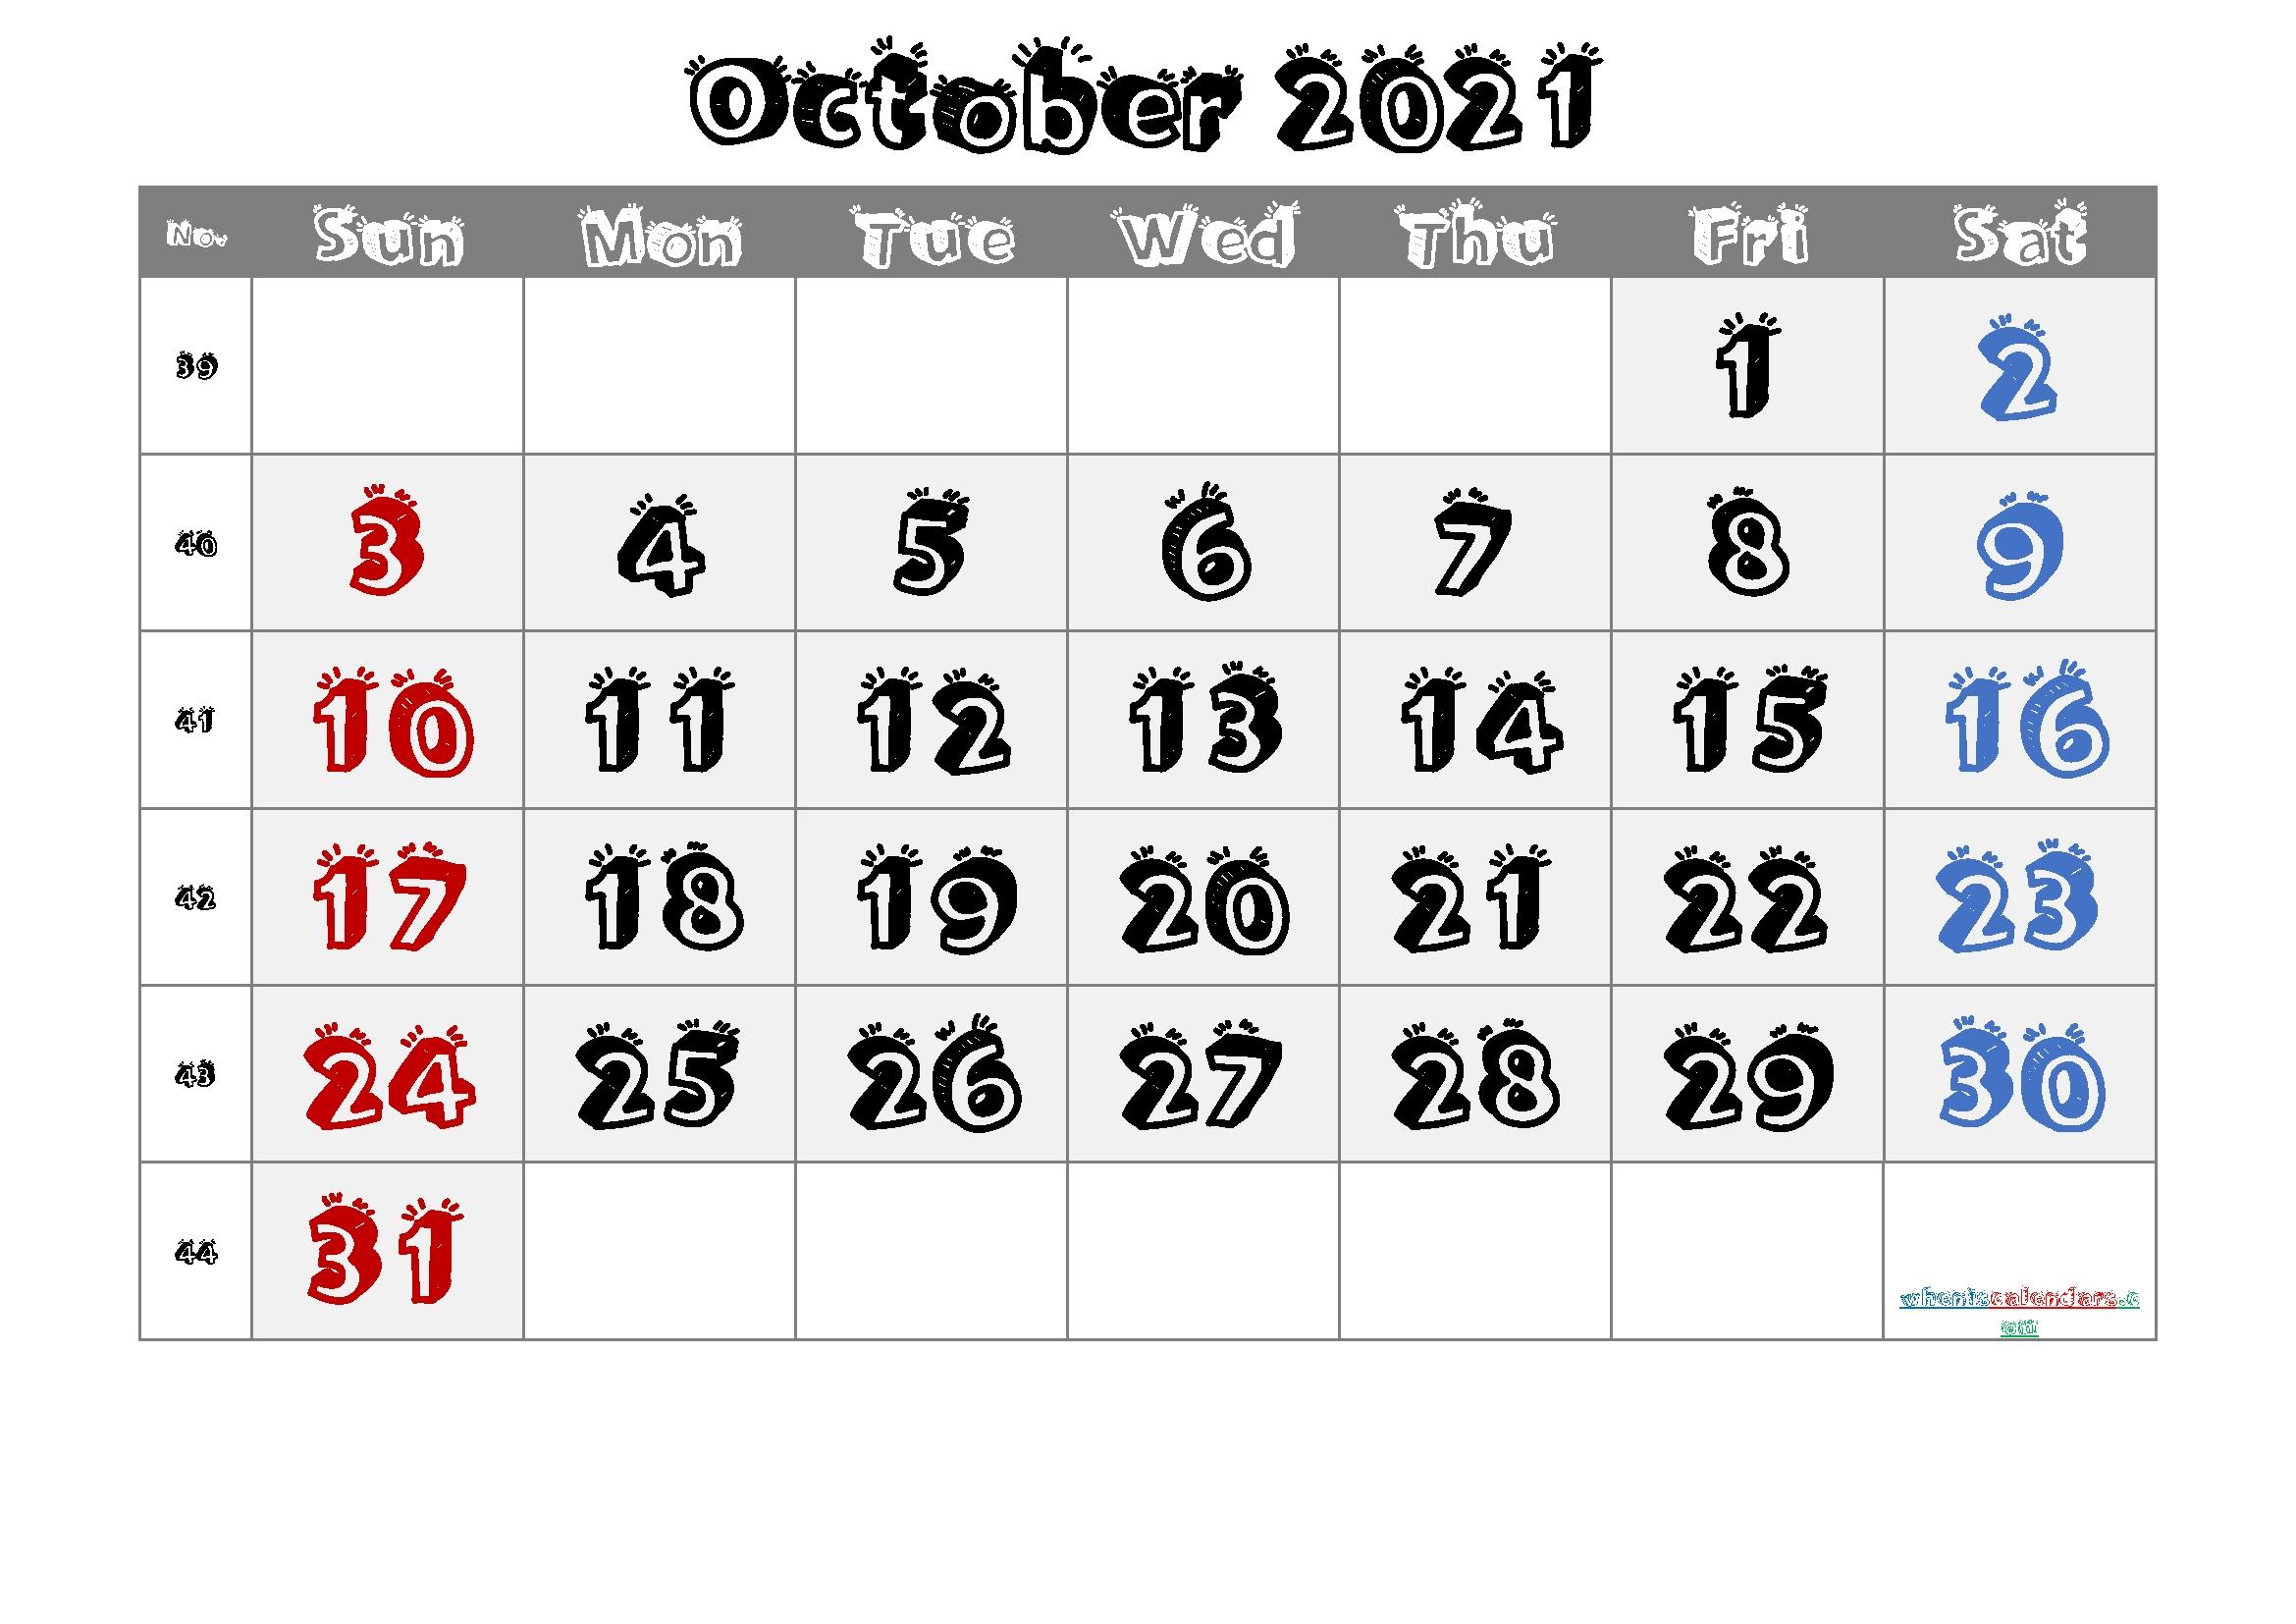 October 2021 Printable Calendar With Week Numbers [Free Premium] In 2020 | Printable Calendar October 2020 - September 2021 Calendar